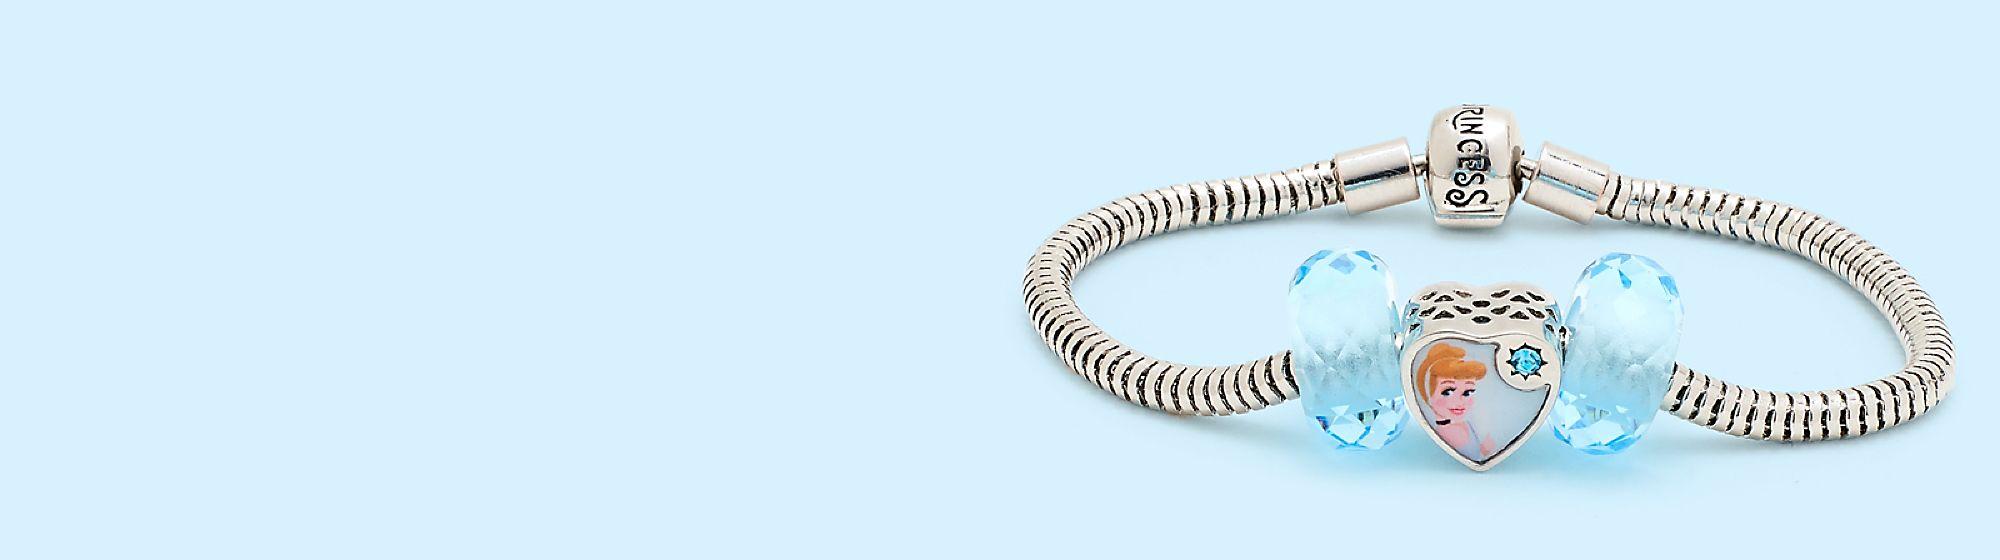 Collection Disney Princess Charm Cendrillon Bibbidi-Bobbidi-Boo ! Nous vous proposons une collection de perles délicates. Sortie le 29 juin